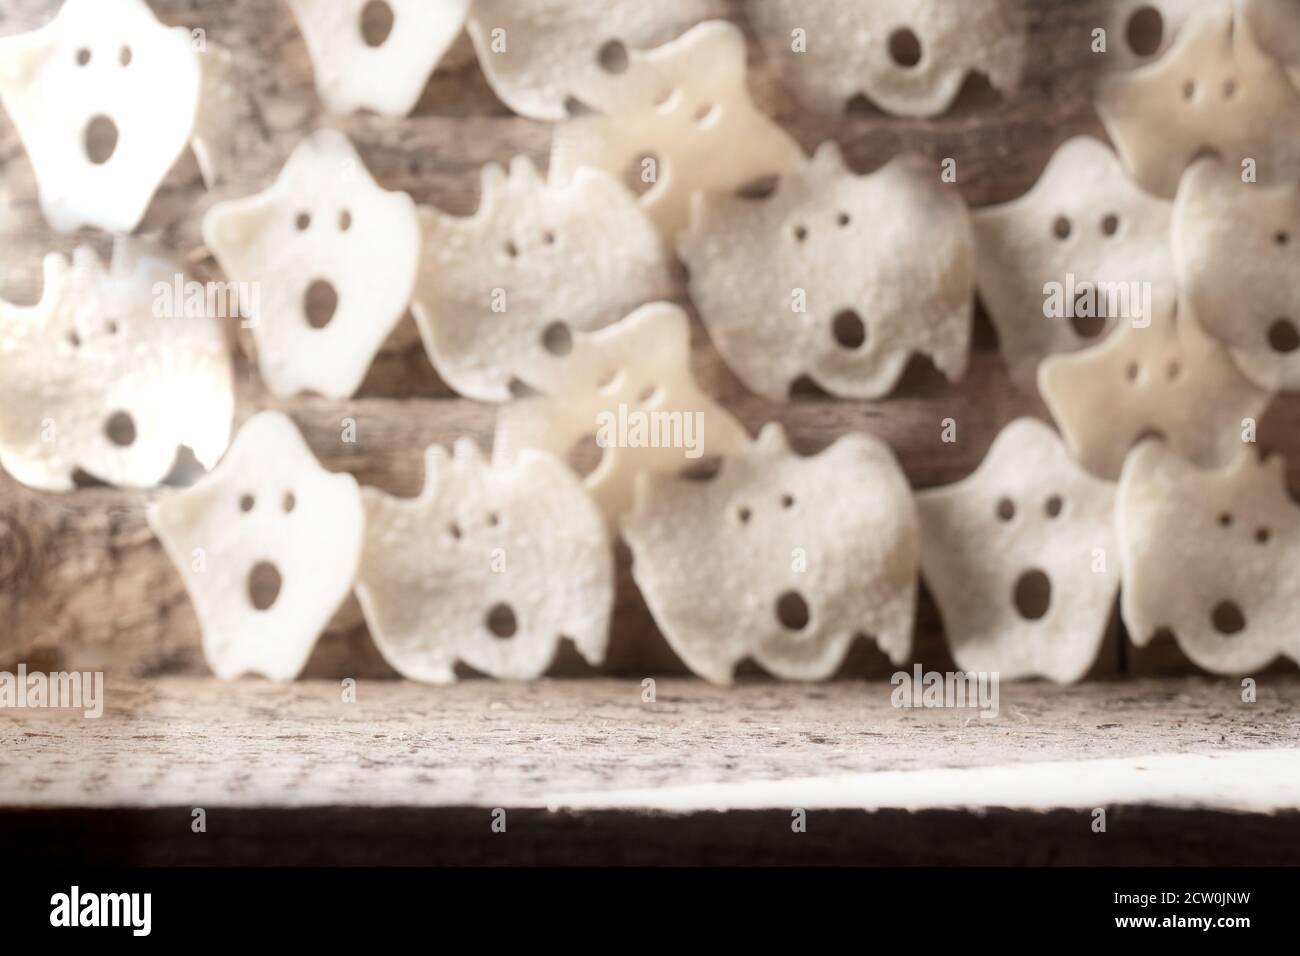 Grupo de varios fantasmas de miedo, Halloween fondo moderno diseño de madera, octubre estilo horror Foto de stock